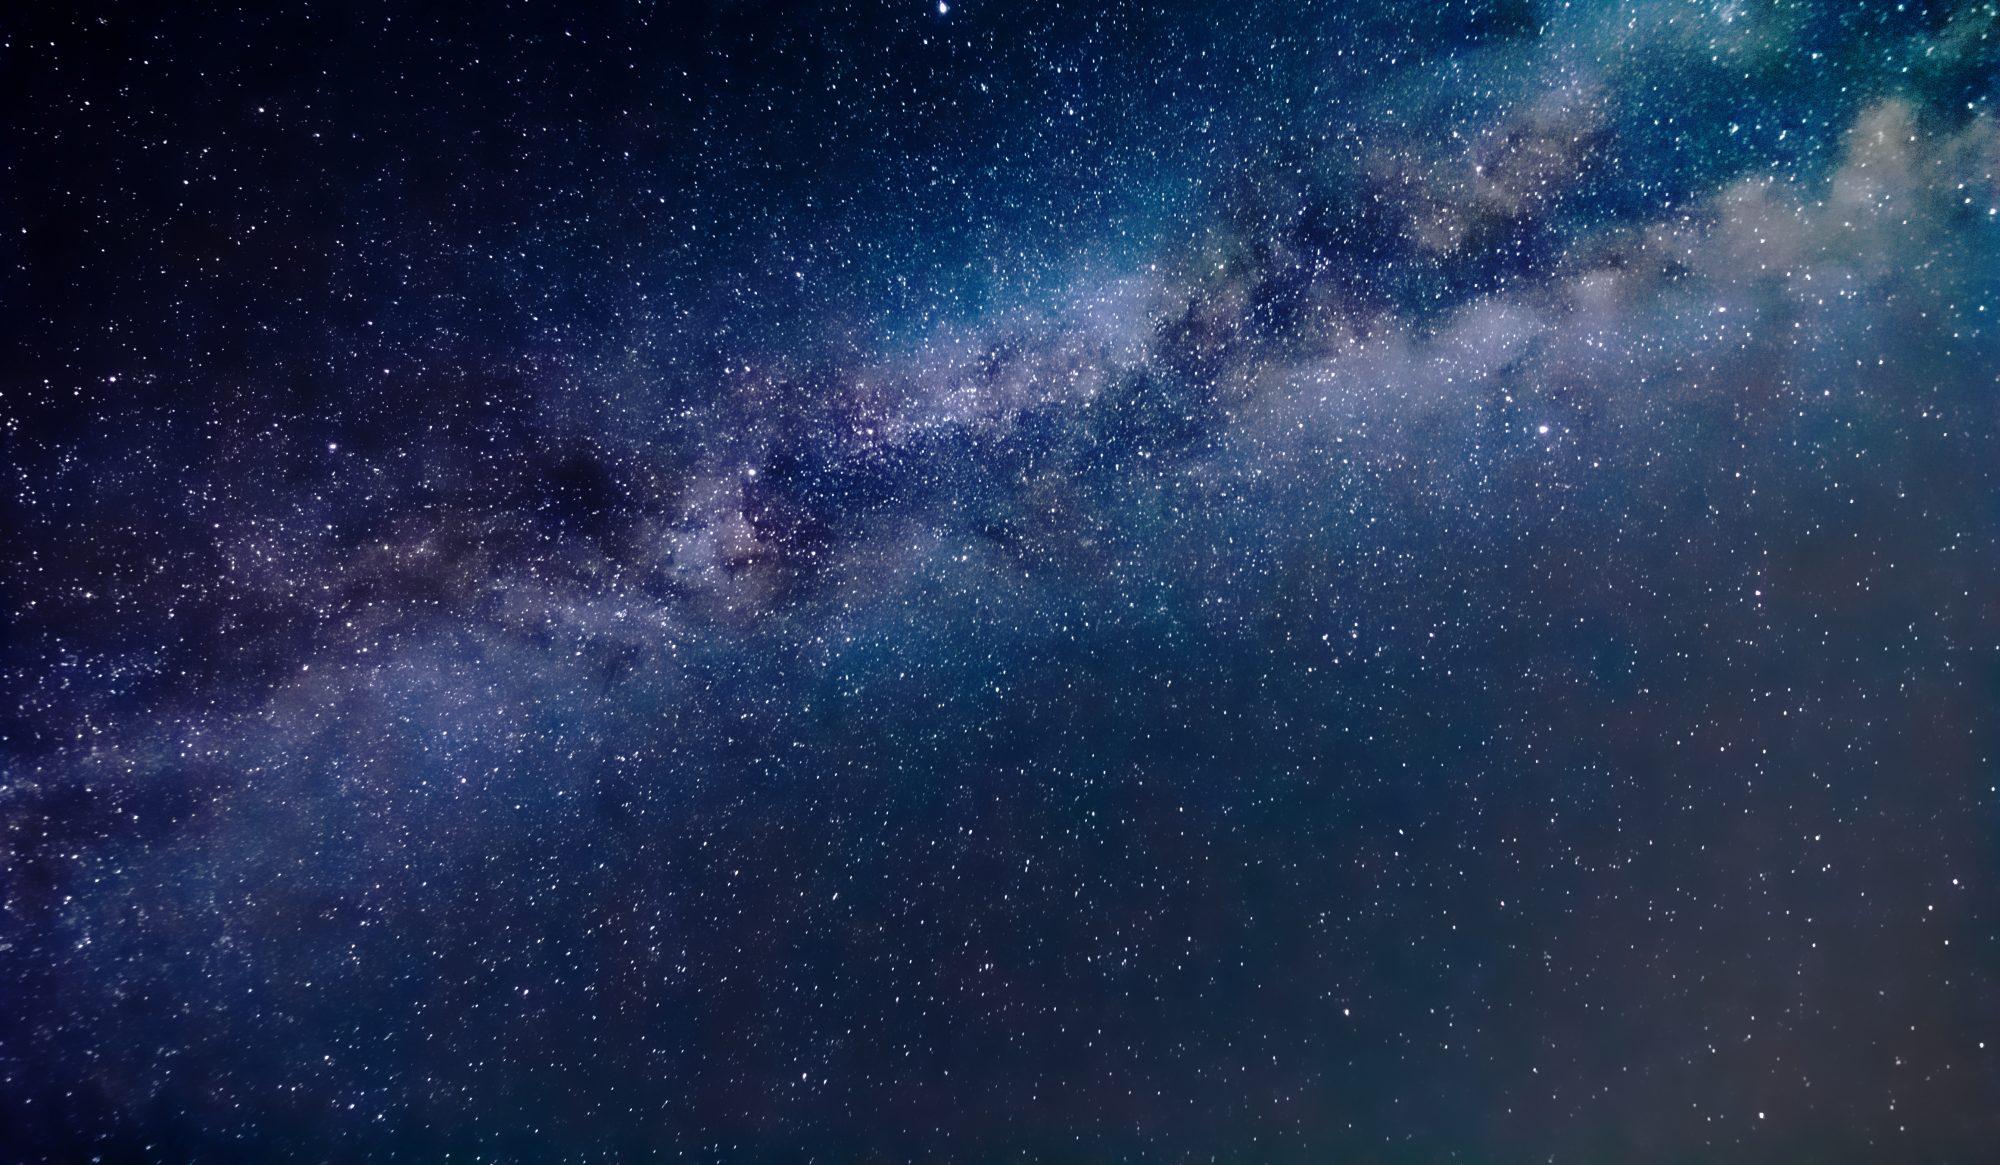 Астрономи зафіксували космічний сигнал, що повторюється кожні 16 днів.